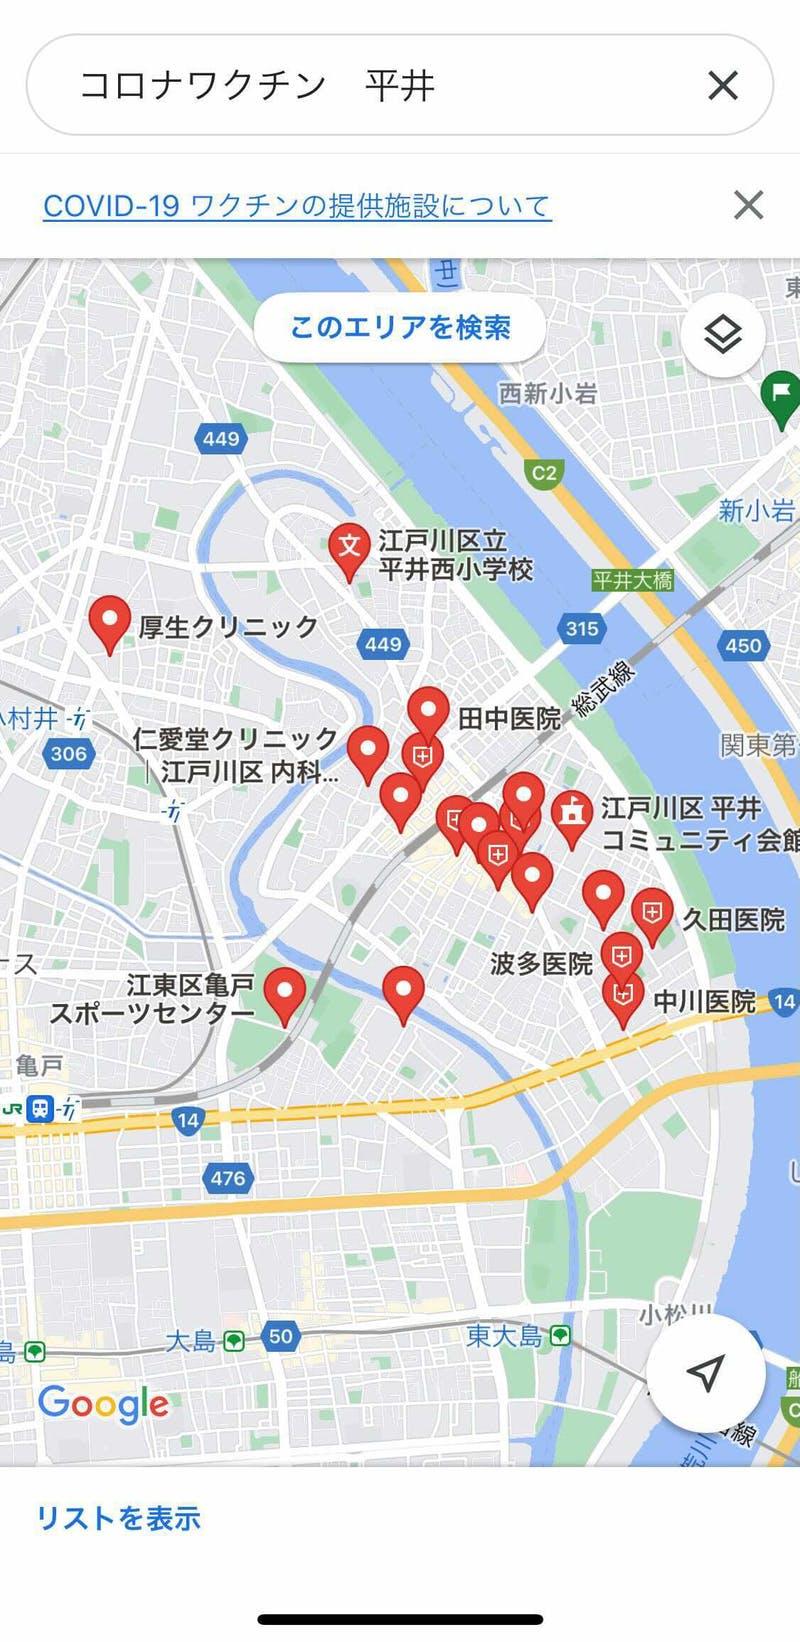 「コロナワクチン 地名」でのGoogleマップアプリ検索結果